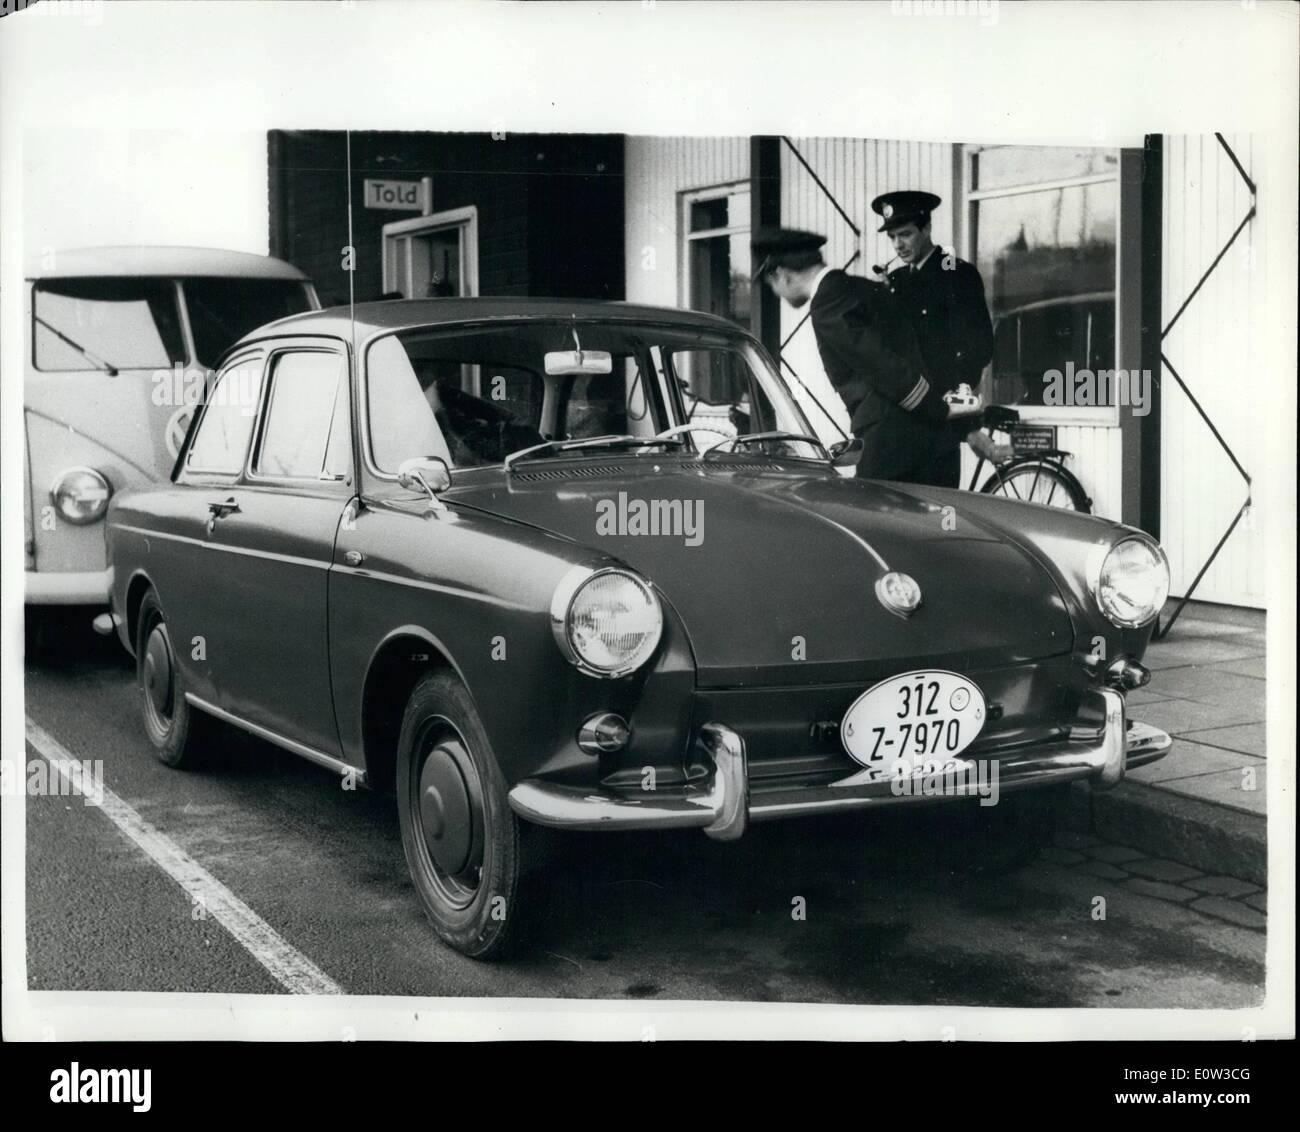 3 Marz 1961 Neue Volkswagen Modell Ubergeben Sie Danische